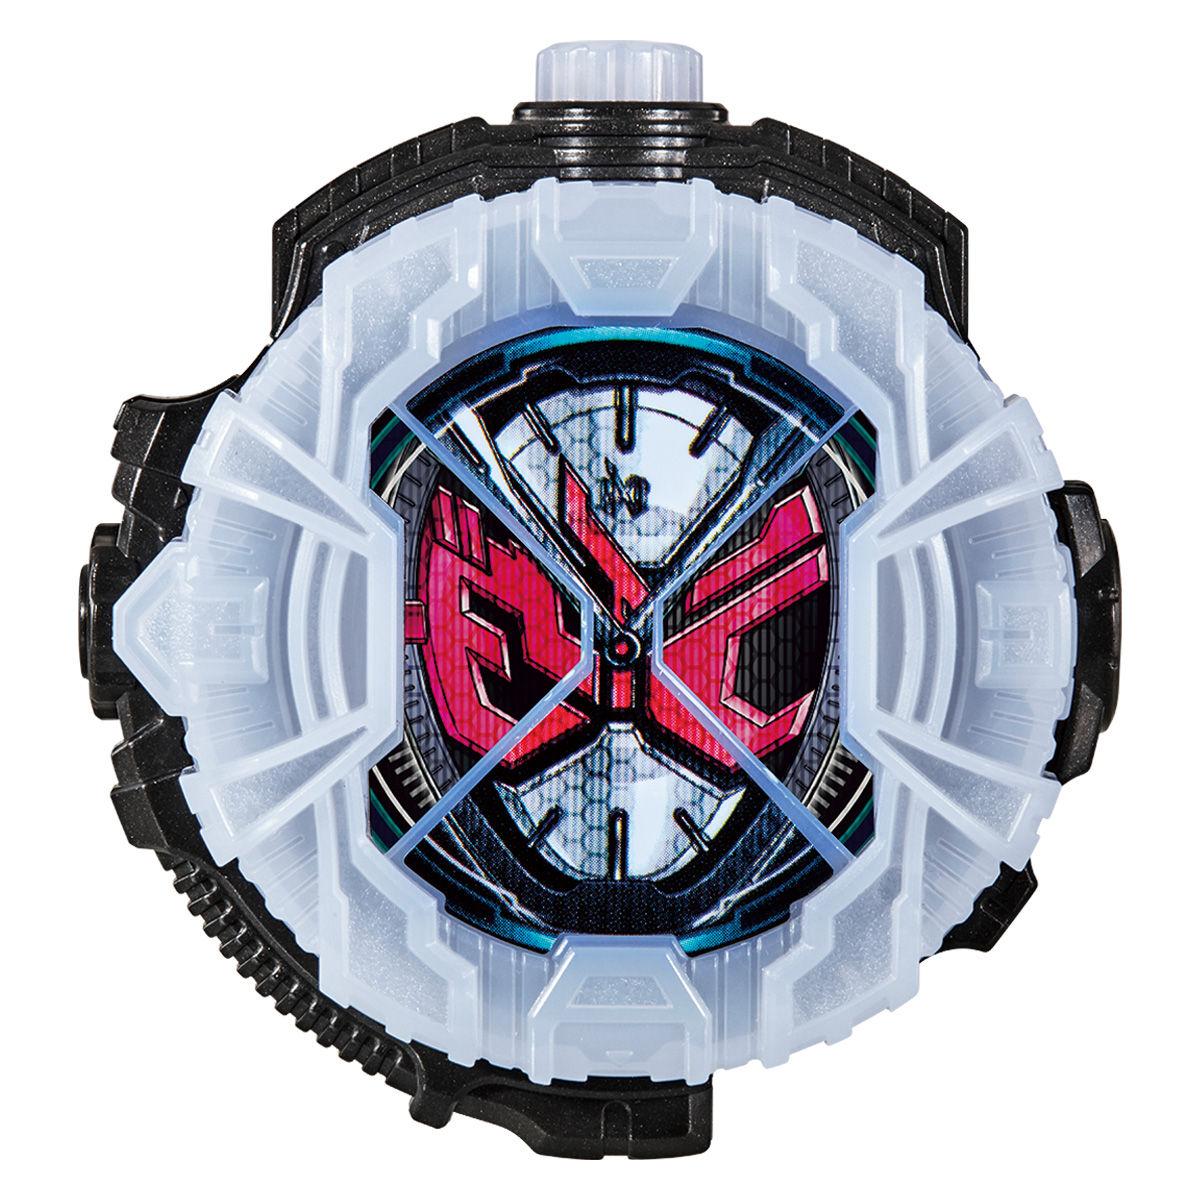 仮面ライダージオウ『DXミラーワールドウォッチセット』変身なりきり-005